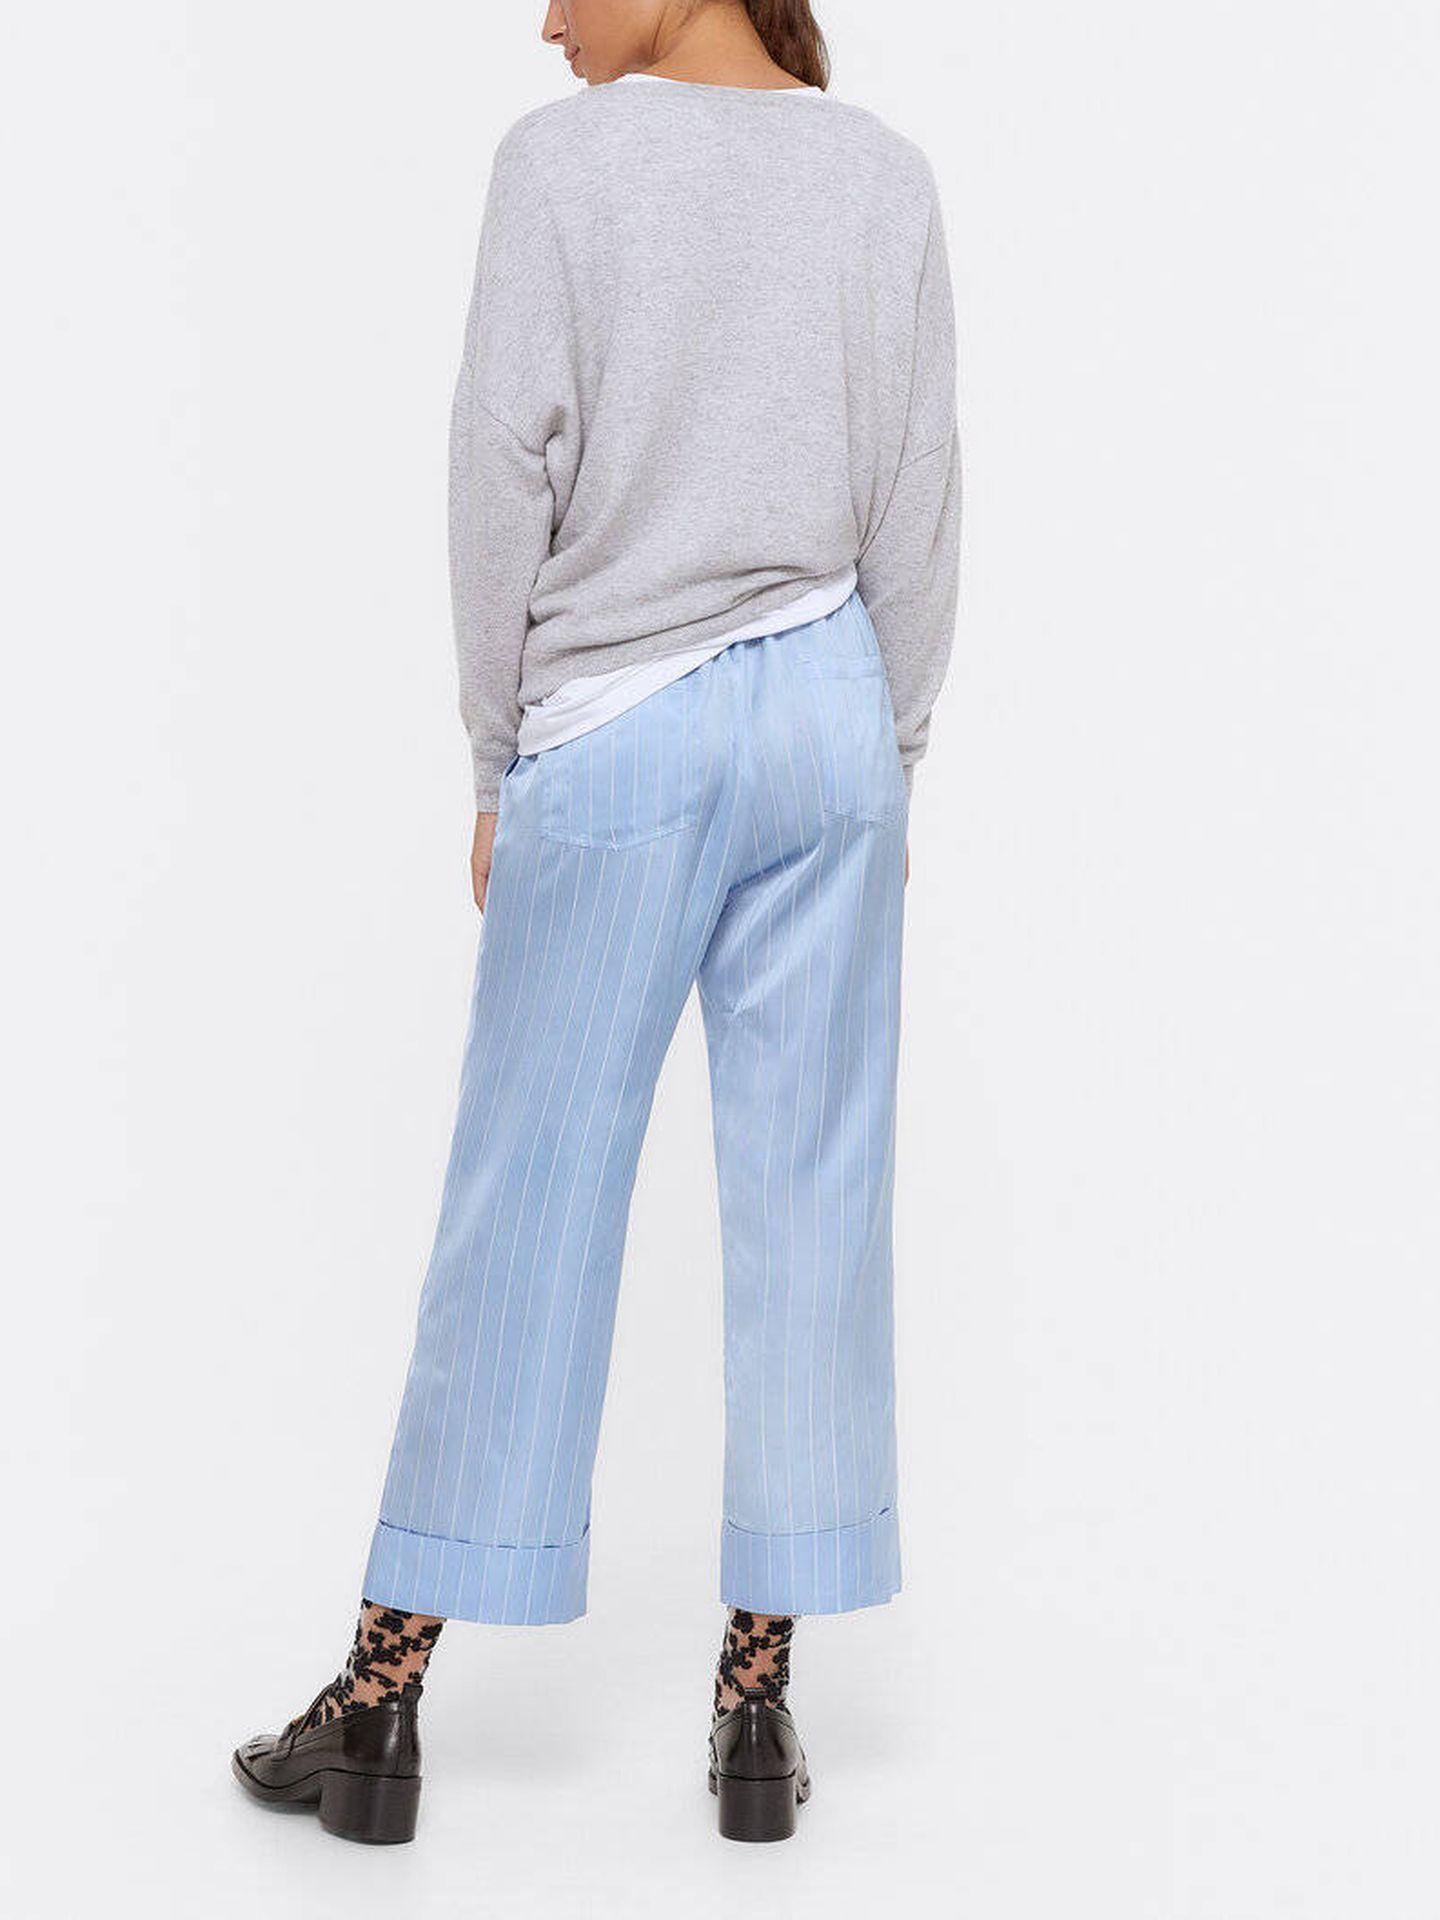 El pantalón de Uterqüe. (Cortesía)